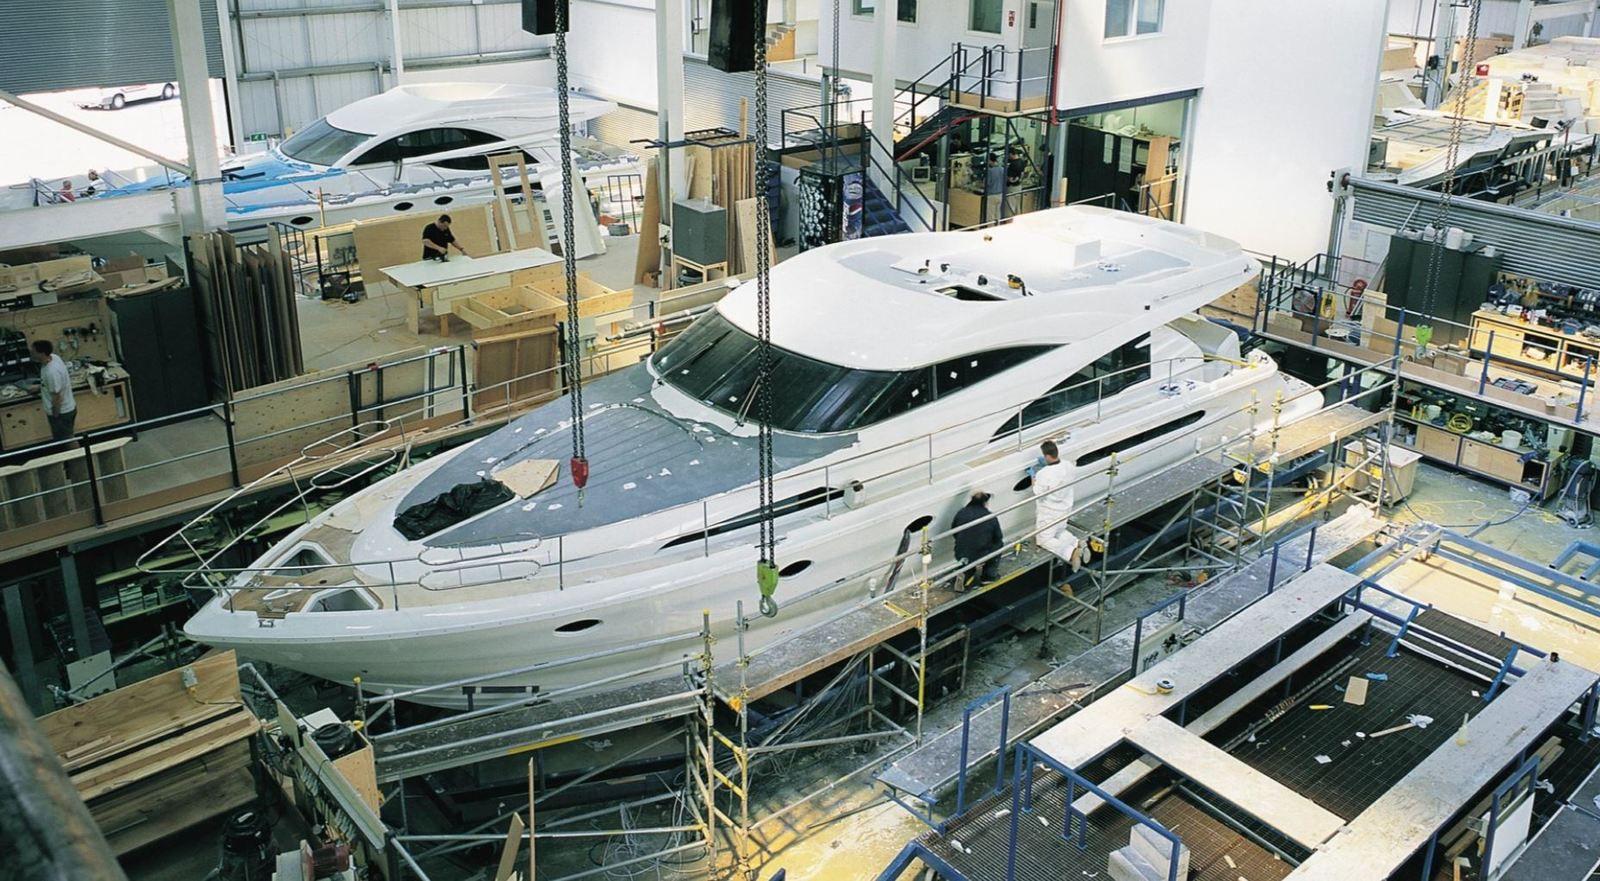 Fairline Yacht kündigt 240 Stellenabbau an